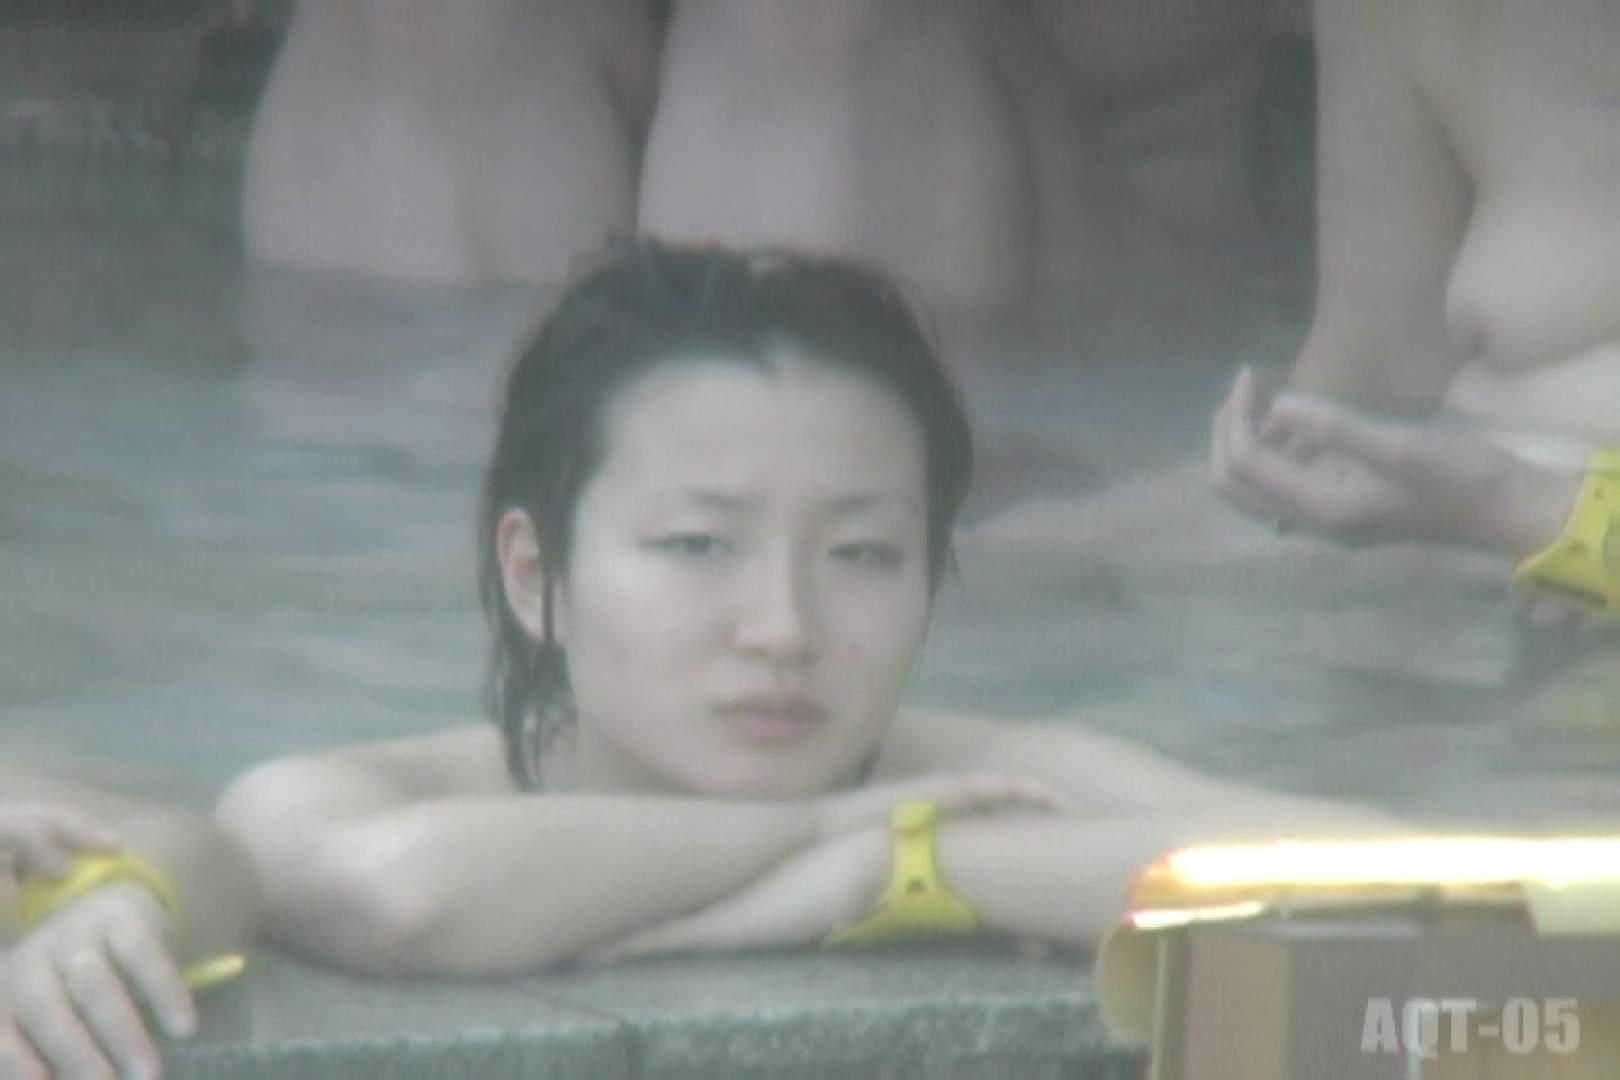 Aquaな露天風呂Vol.746 OLハメ撮り  46Pix 30